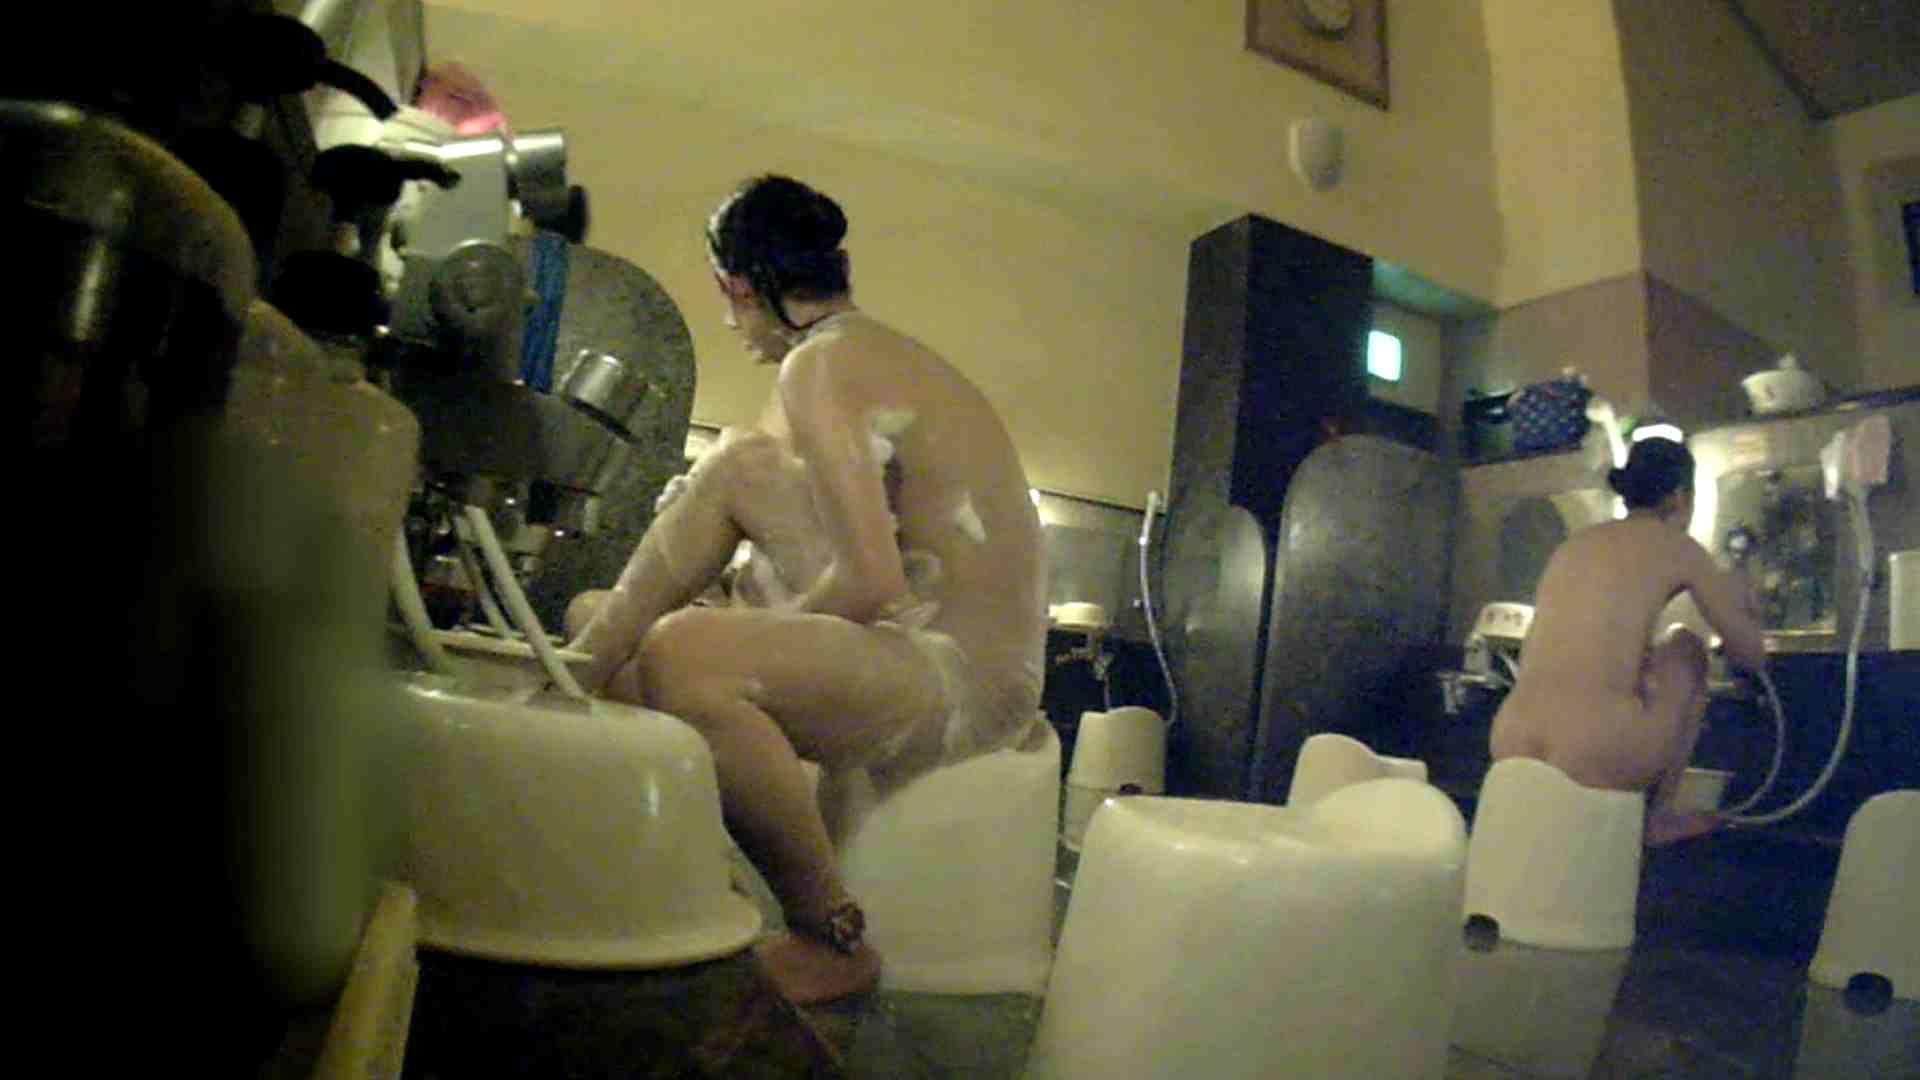 トイレ盗撮|[画質UP]TG.17 【二等兵】ちょっと遠い…オデコの広い優しいお女市さん|怪盗ジョーカー